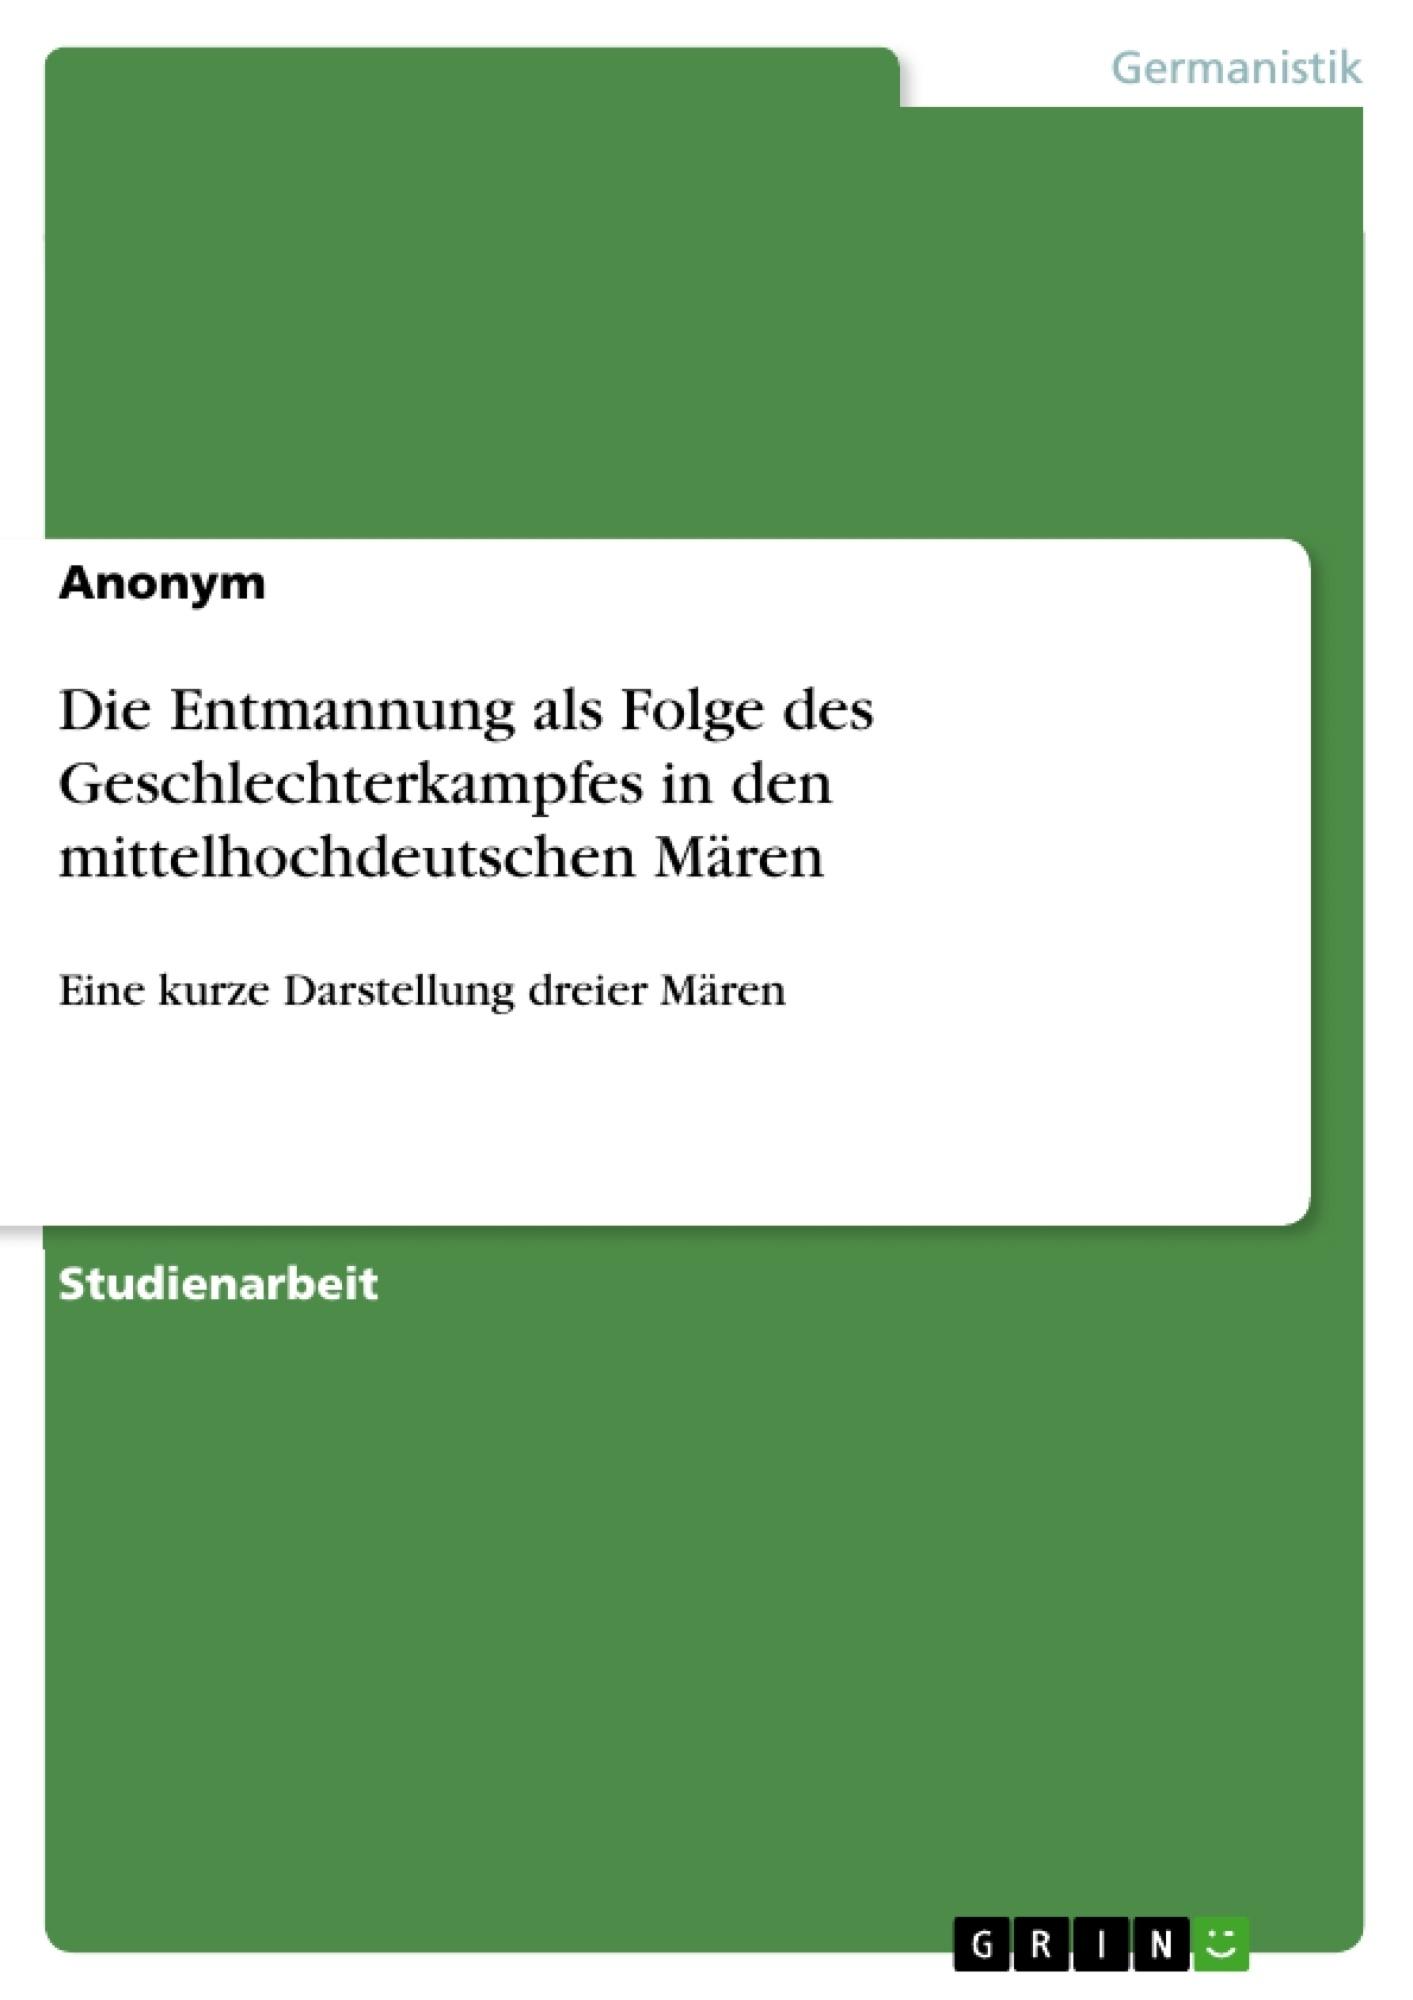 Titel: Die Entmannung als Folge des Geschlechterkampfes in den mittelhochdeutschen Mären